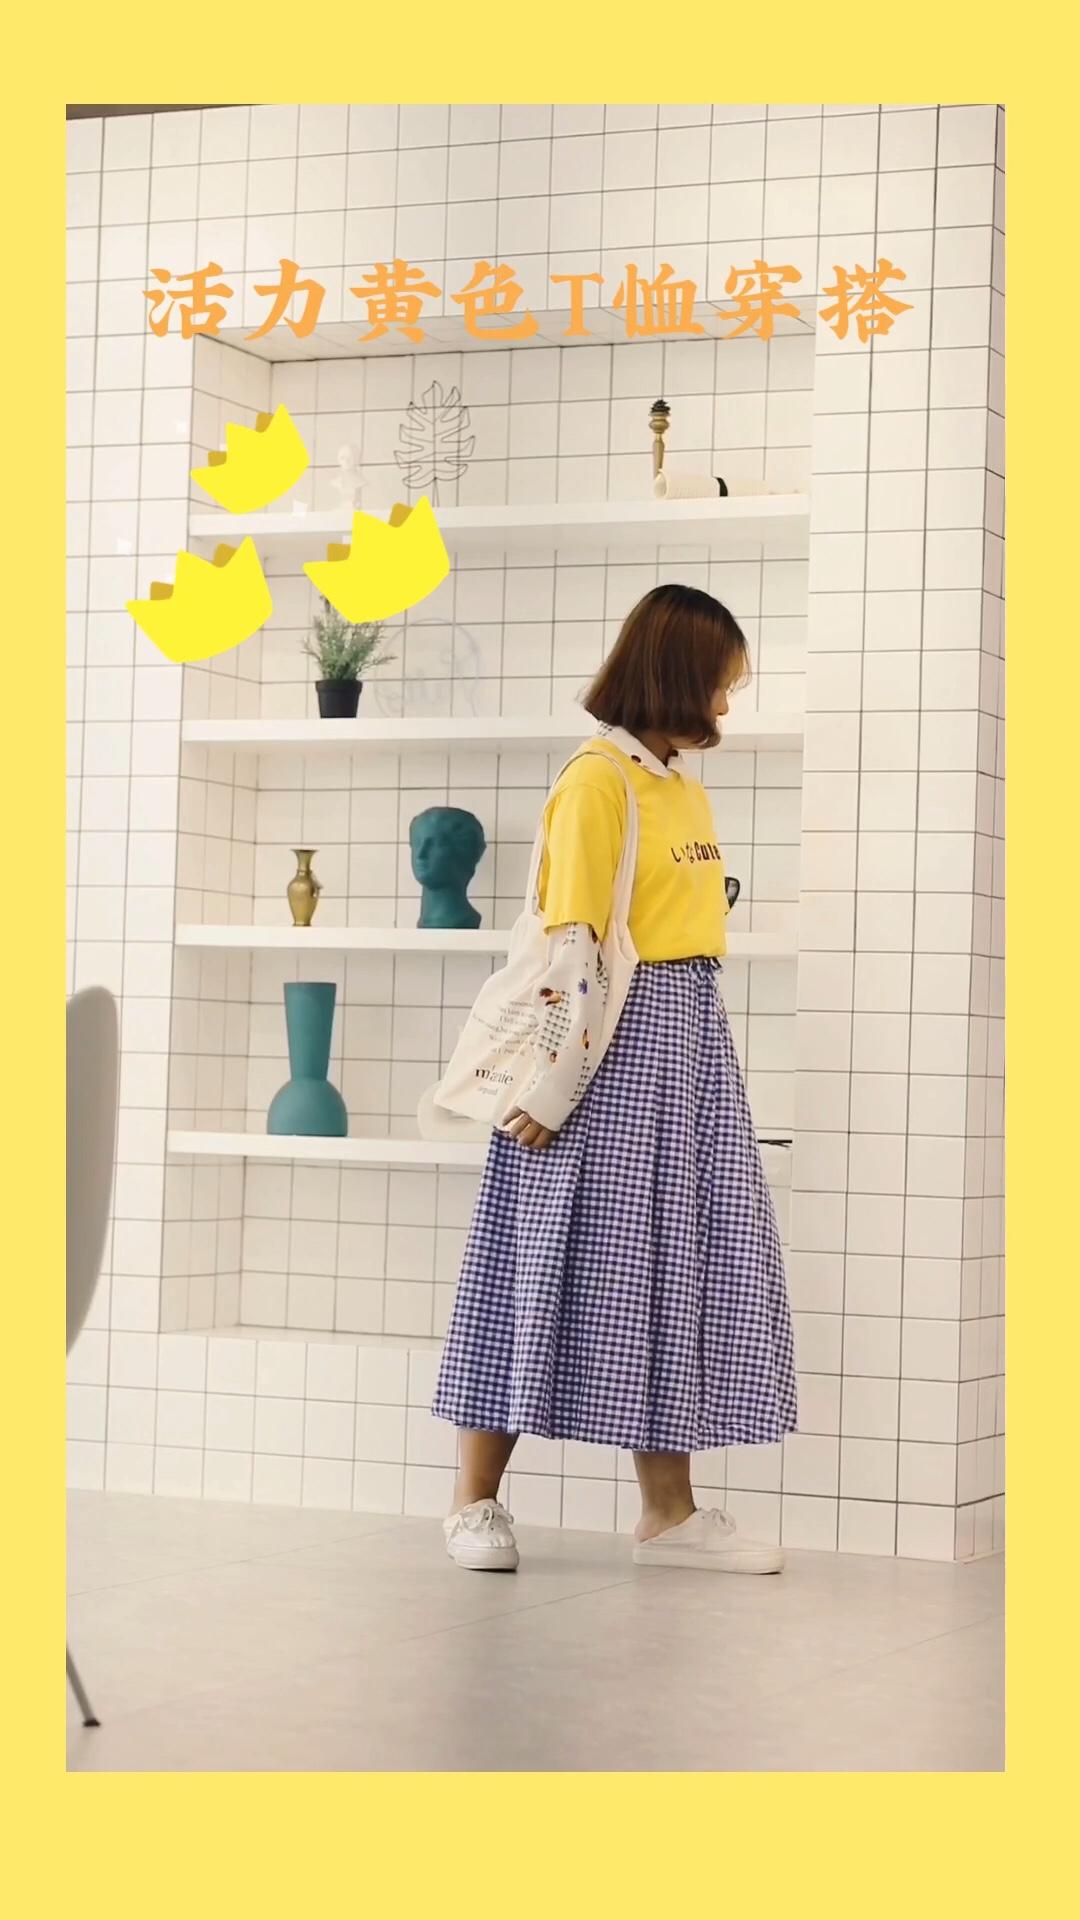 #你回眸的样子像极了爱情#  ❤️黄色T恤百搭又可爱! 绝对是人群中最亮的崽儿~ ❤️衬衫可以和T恤这样叠穿, 既有衬衫的清新,还有T恤的可爱! 衣服可以多种穿法,重复利用! 真的对我这种贫民窟女孩很实用! ❤️蓝色格子半身裙更是经典, 也很百搭,裙摆大到飘逸~